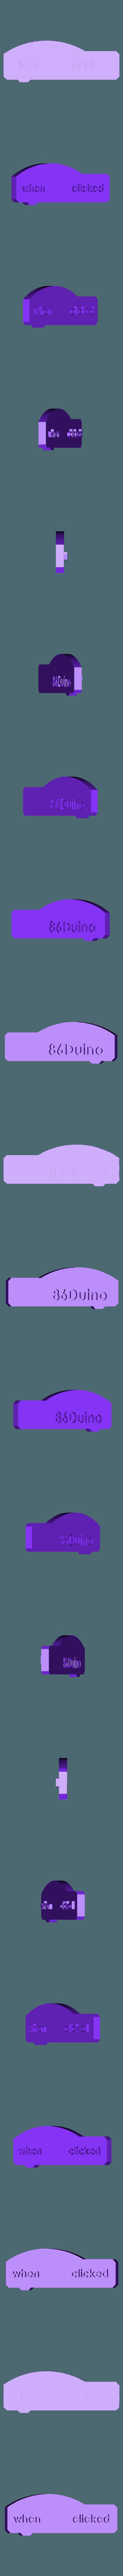 86Scratch-2.STL Download free STL file 86Duino Scratch block • 3D print model, 86Duino